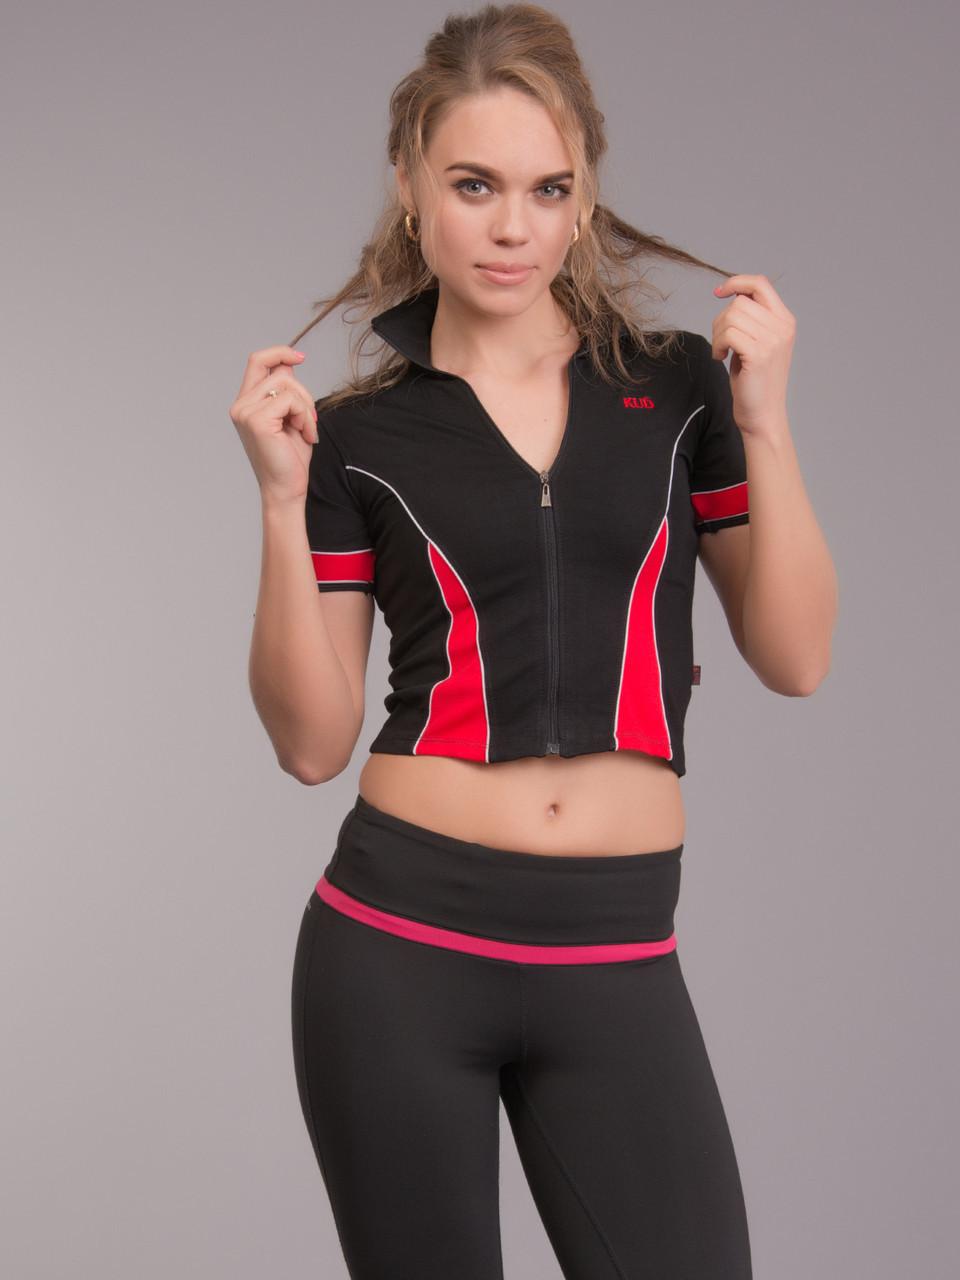 Женские спортивные кофты доставка